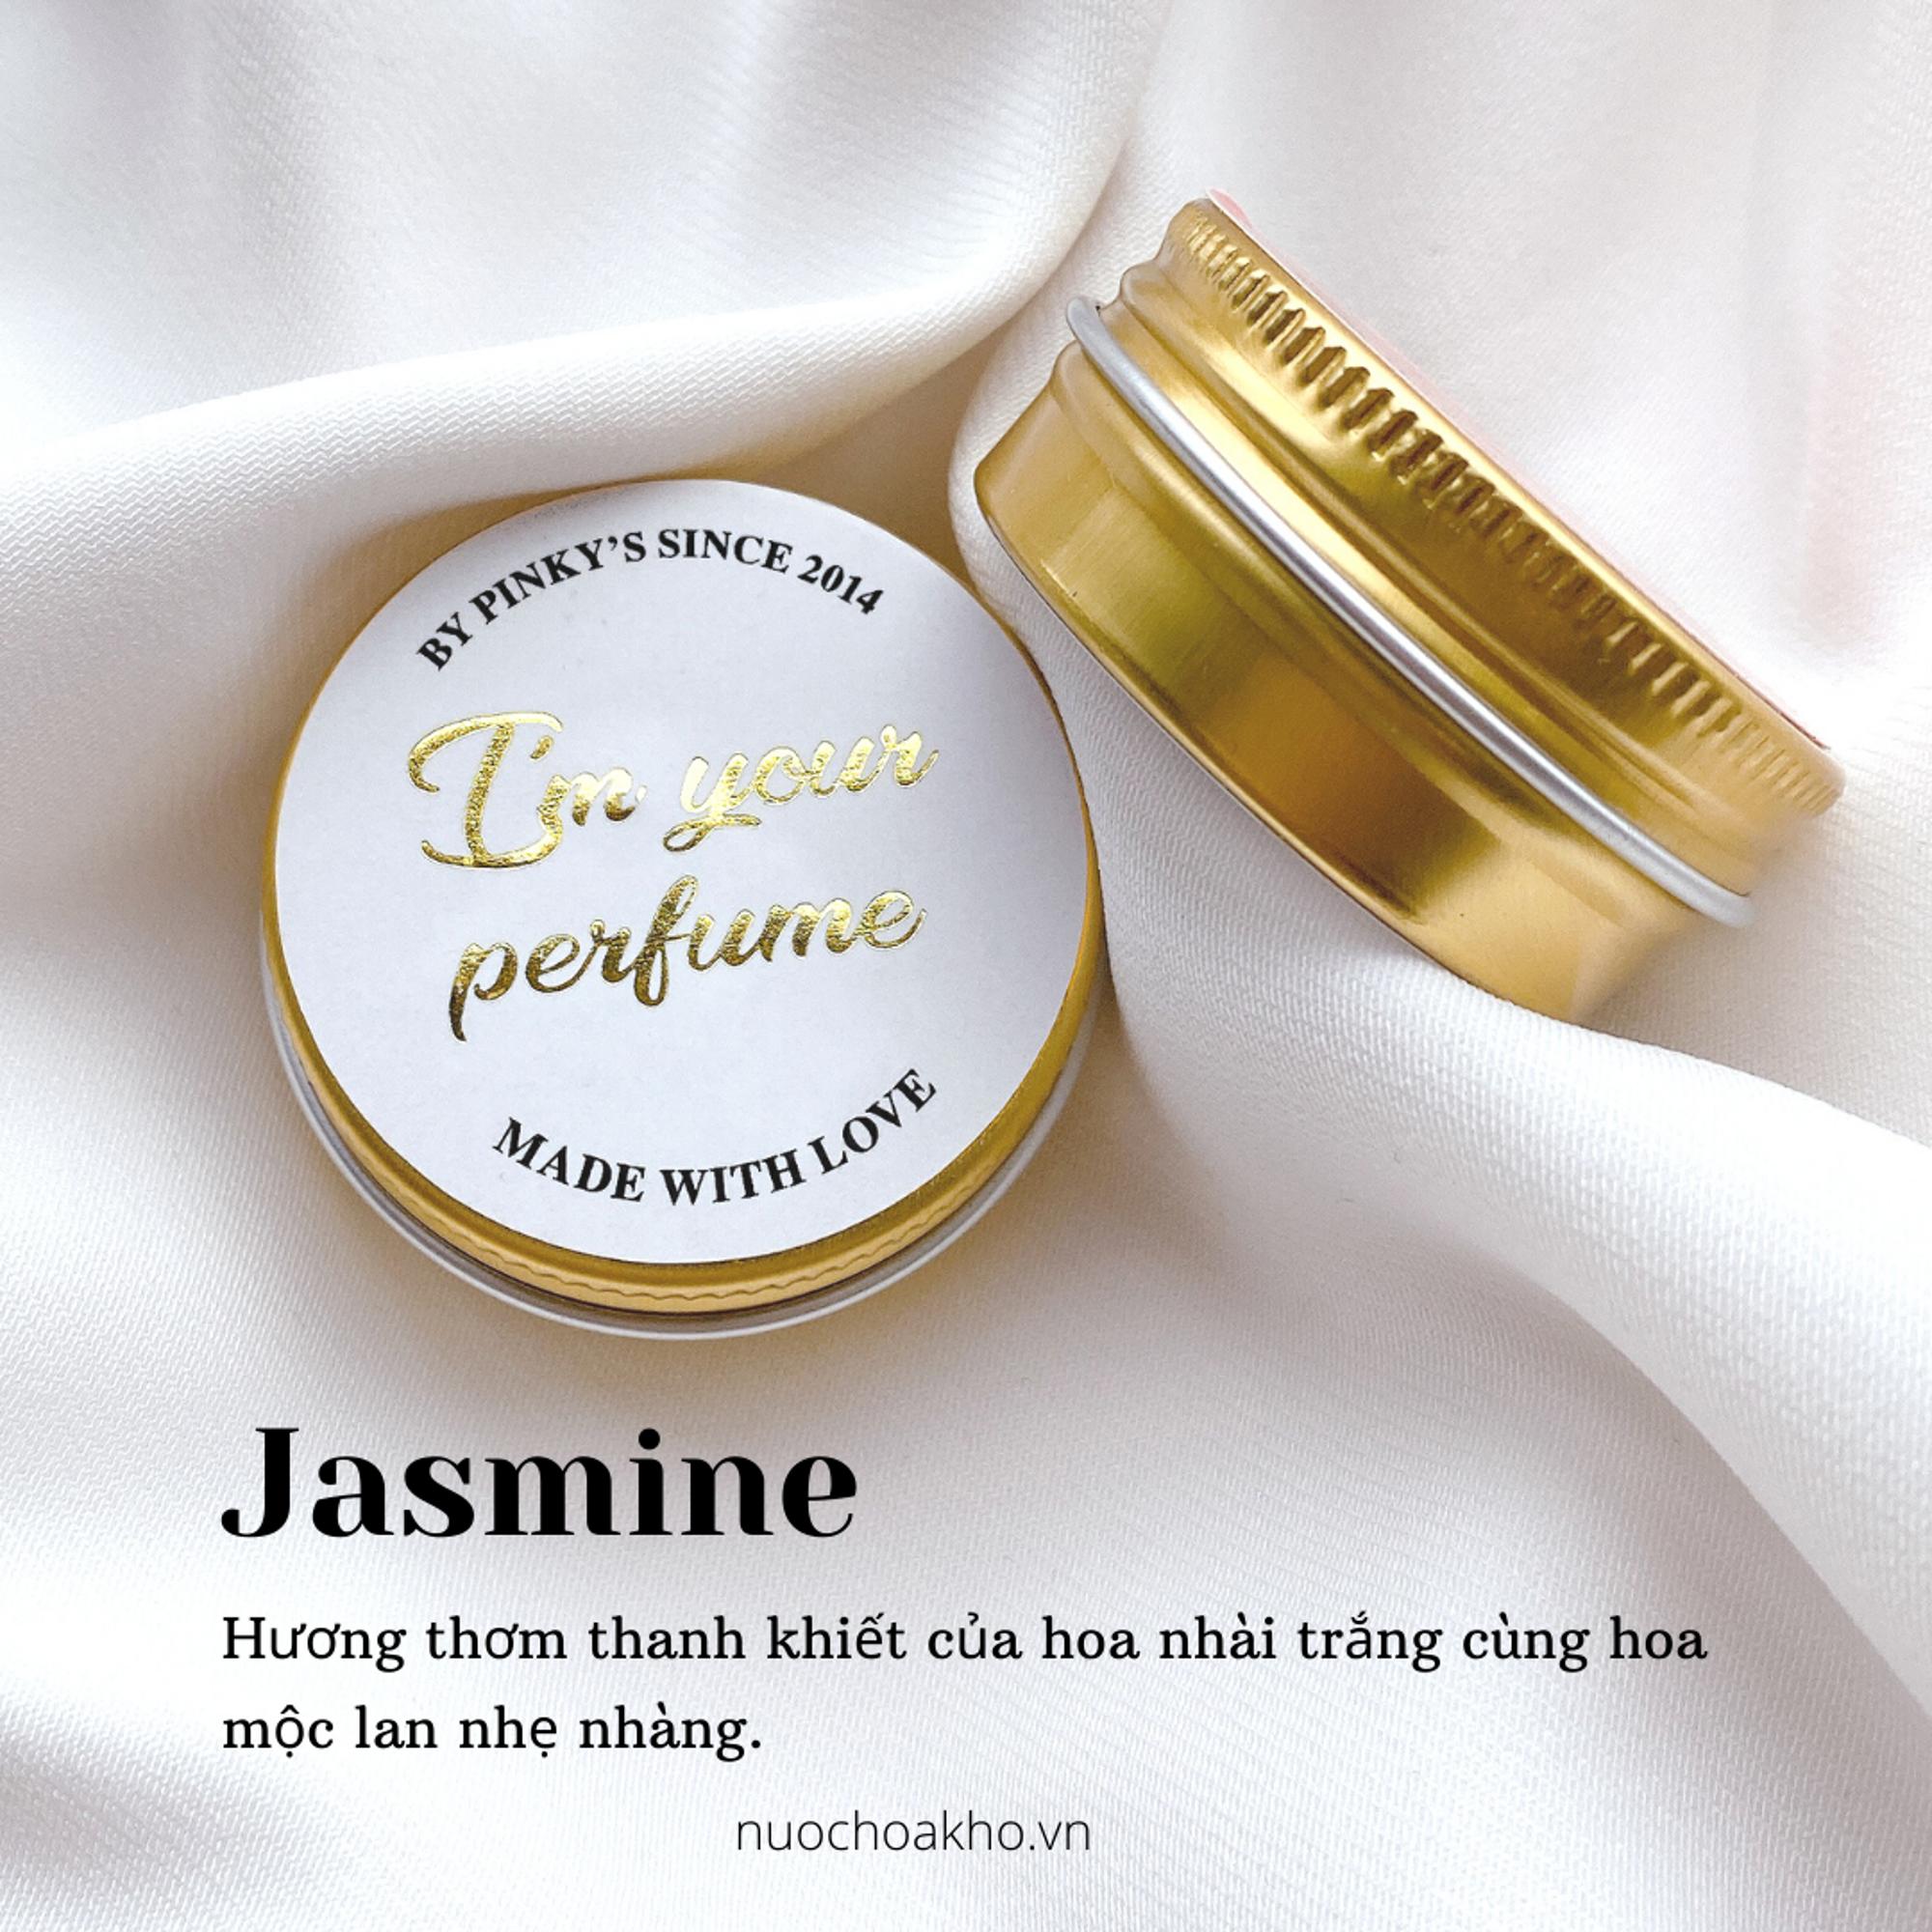 Nước hoa khô dạng sáp PINKY'S mùi Jasmine